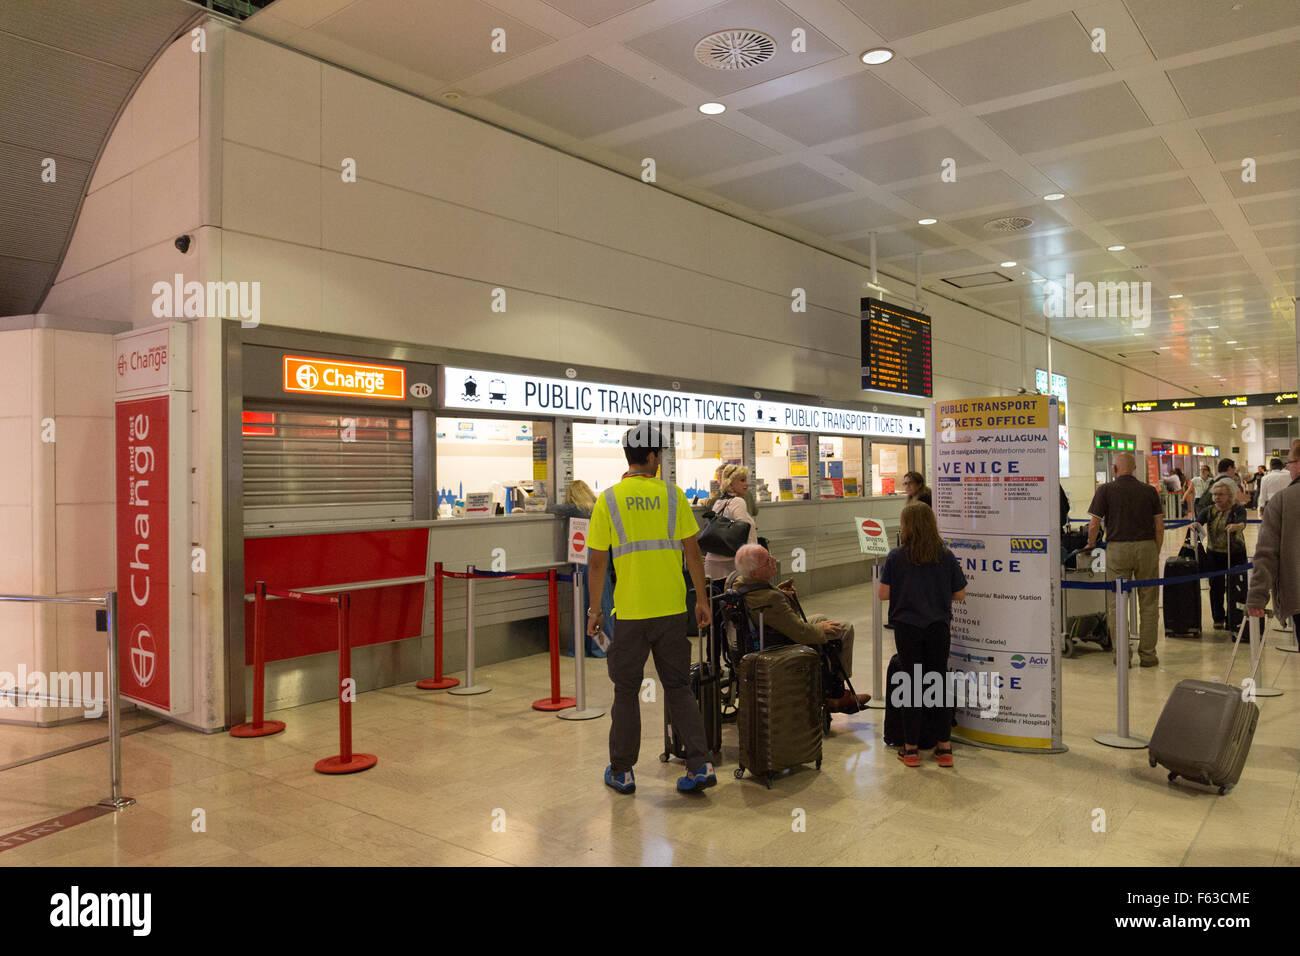 Biglietto di trasporto pubblico di superficie a Venezia Aeroporto Marco Polo  di Venezia Italia Foto stock - Alamy